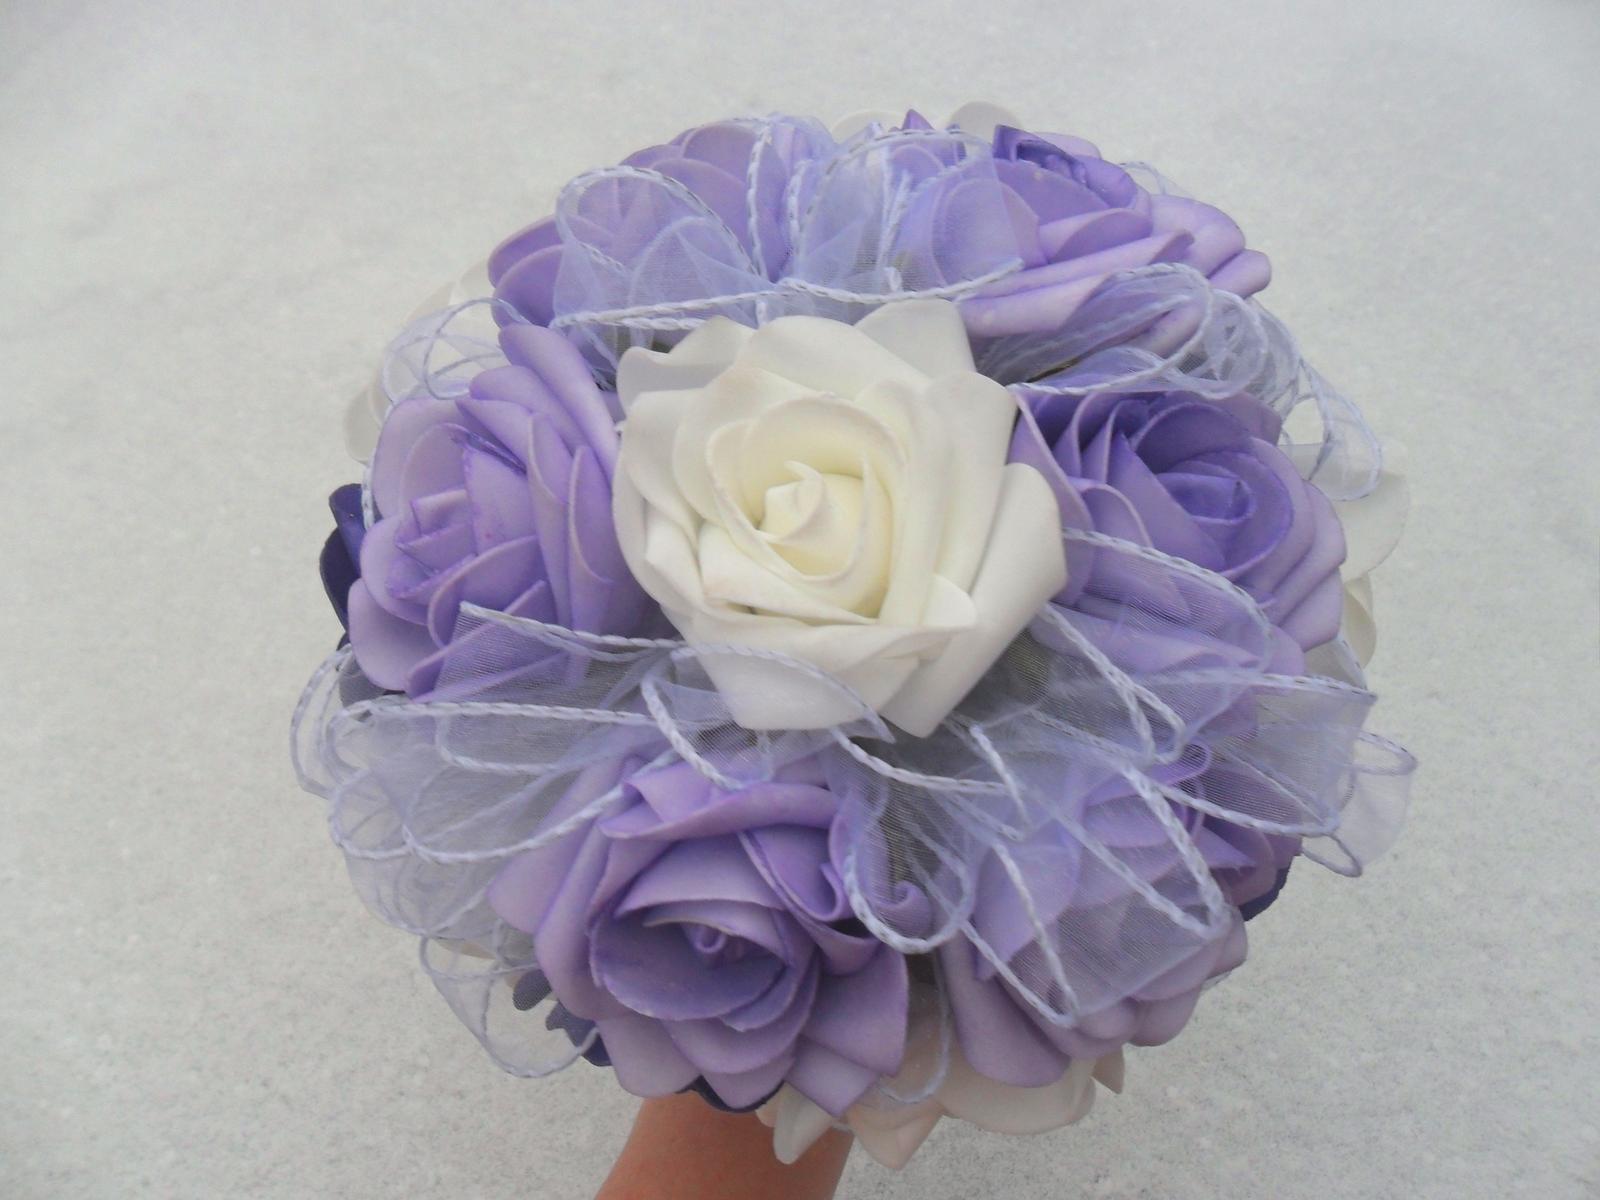 Netradiční svatební kytice - pěnové růžičky + polštářky pod prstýnky, košíčky - Obrázek č. 60